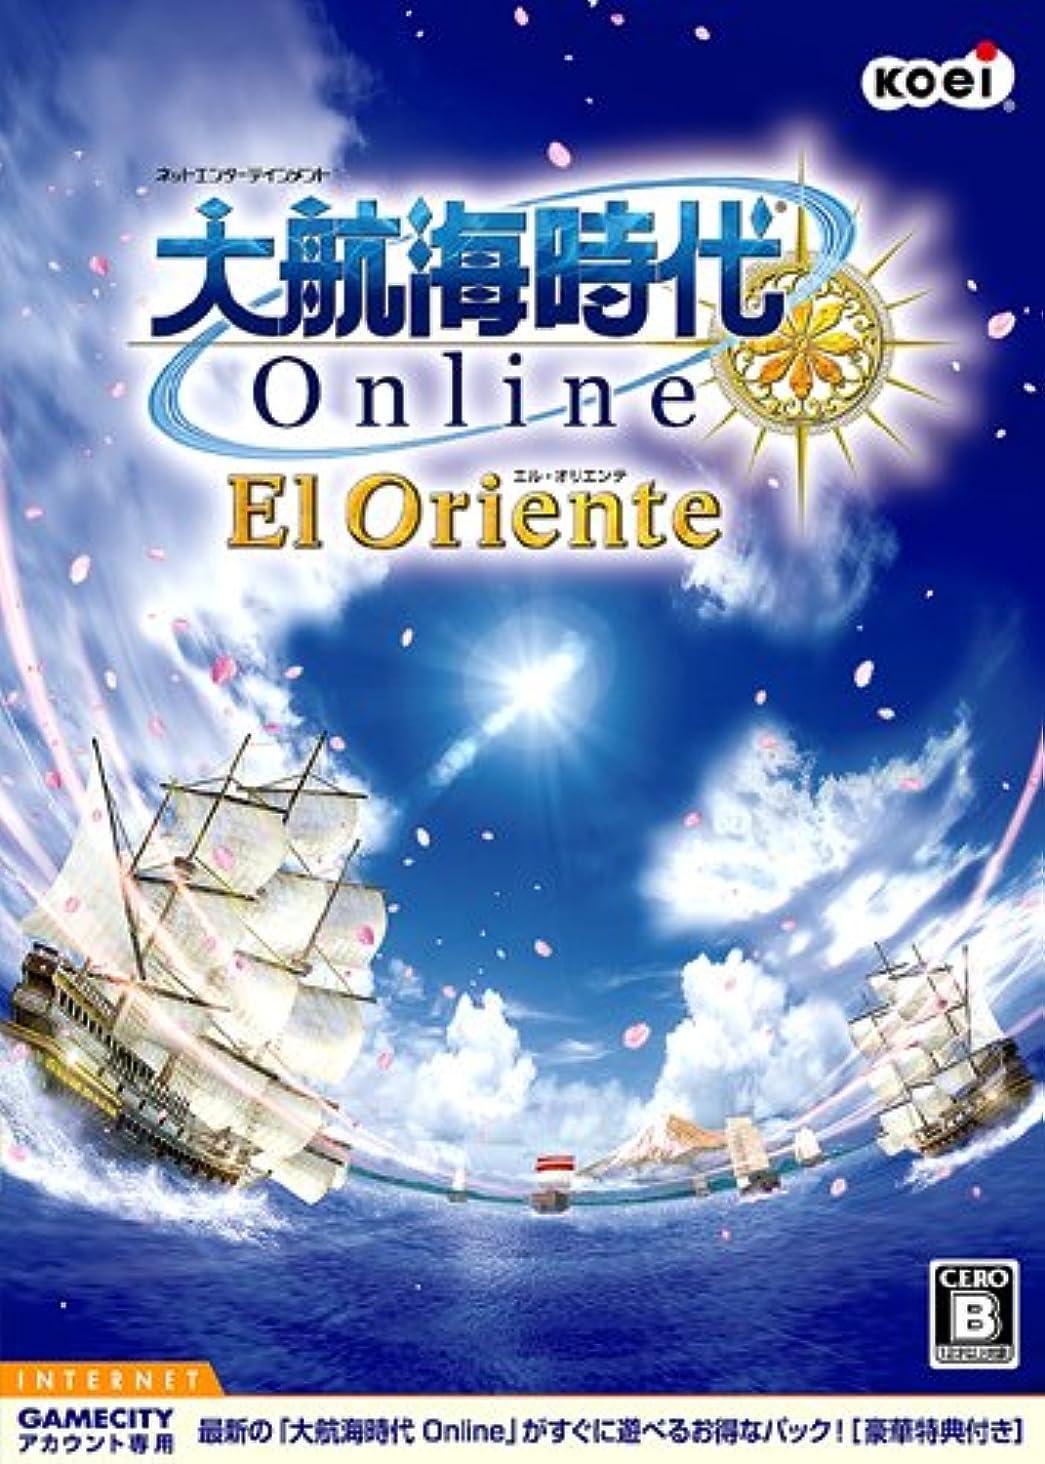 敷居サスティーン判読できない大航海時代 Online ~El Oriente~